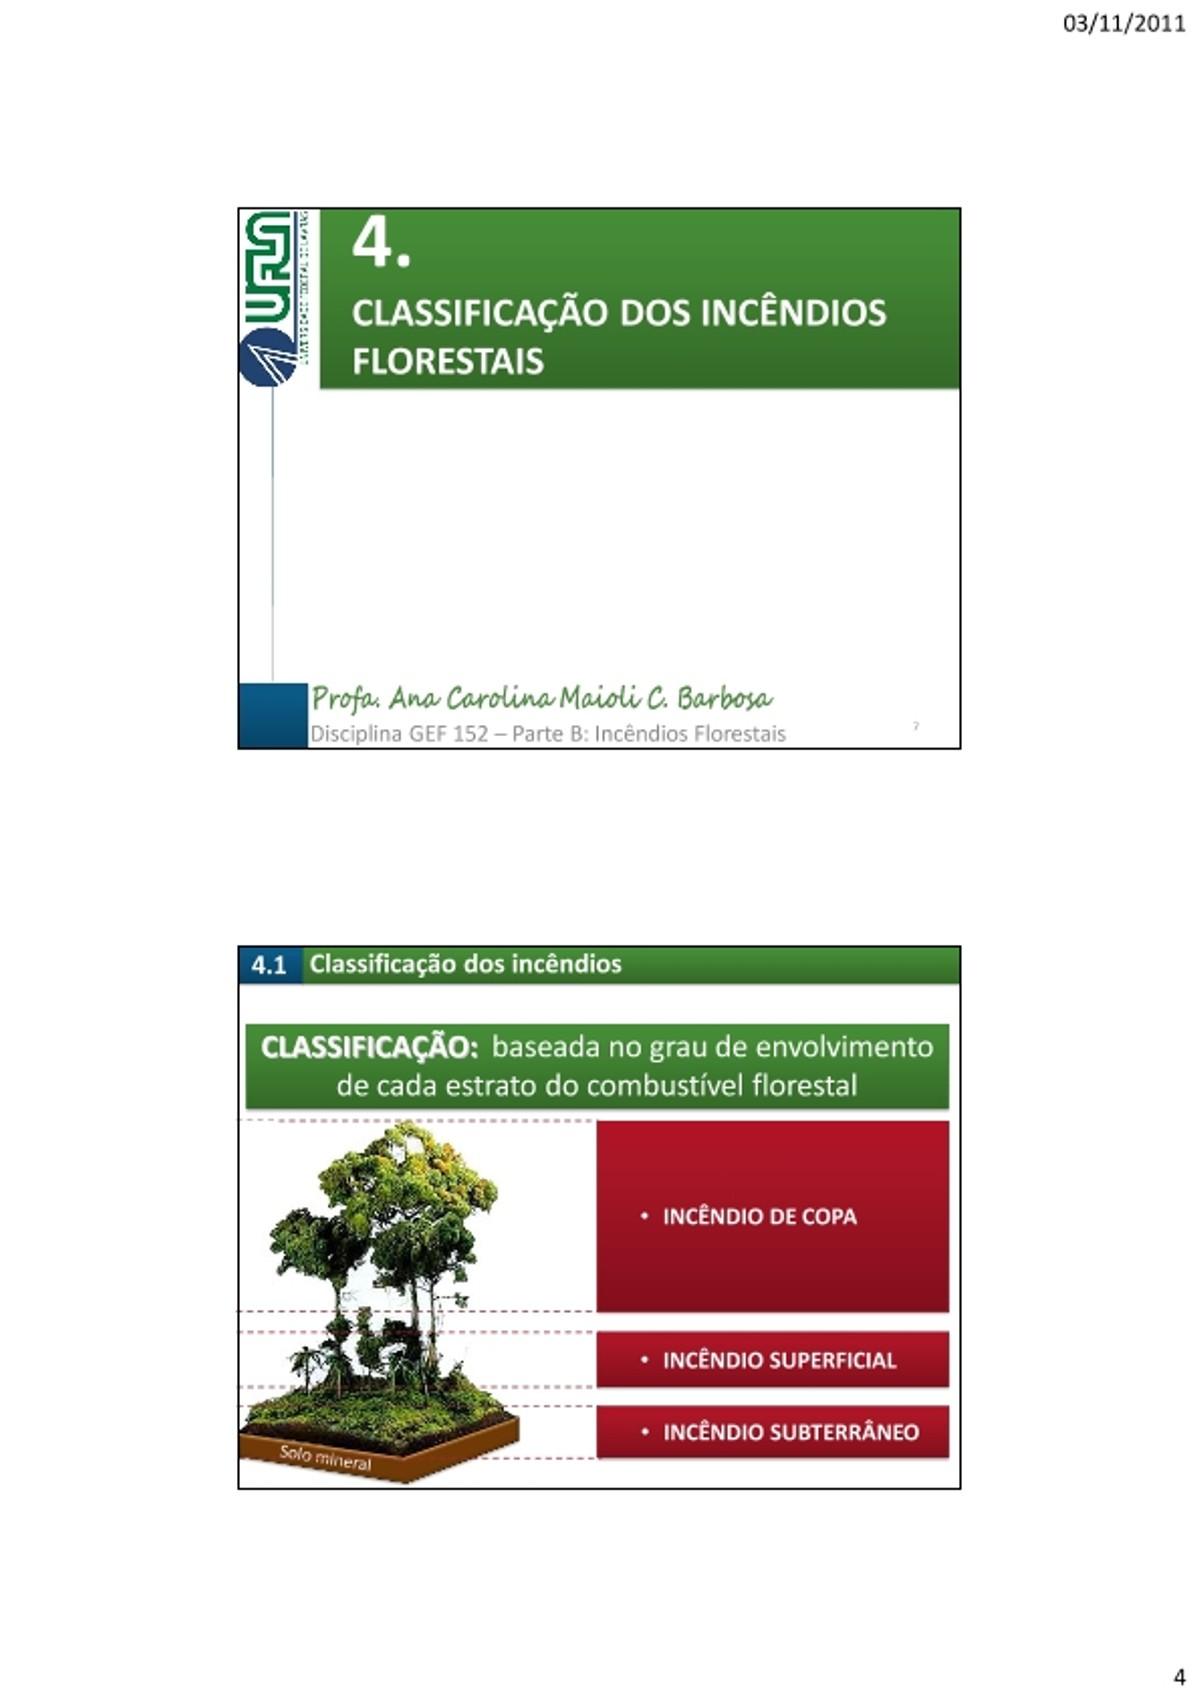 Pre-visualização do material Aula 4 Classificacao - página 1